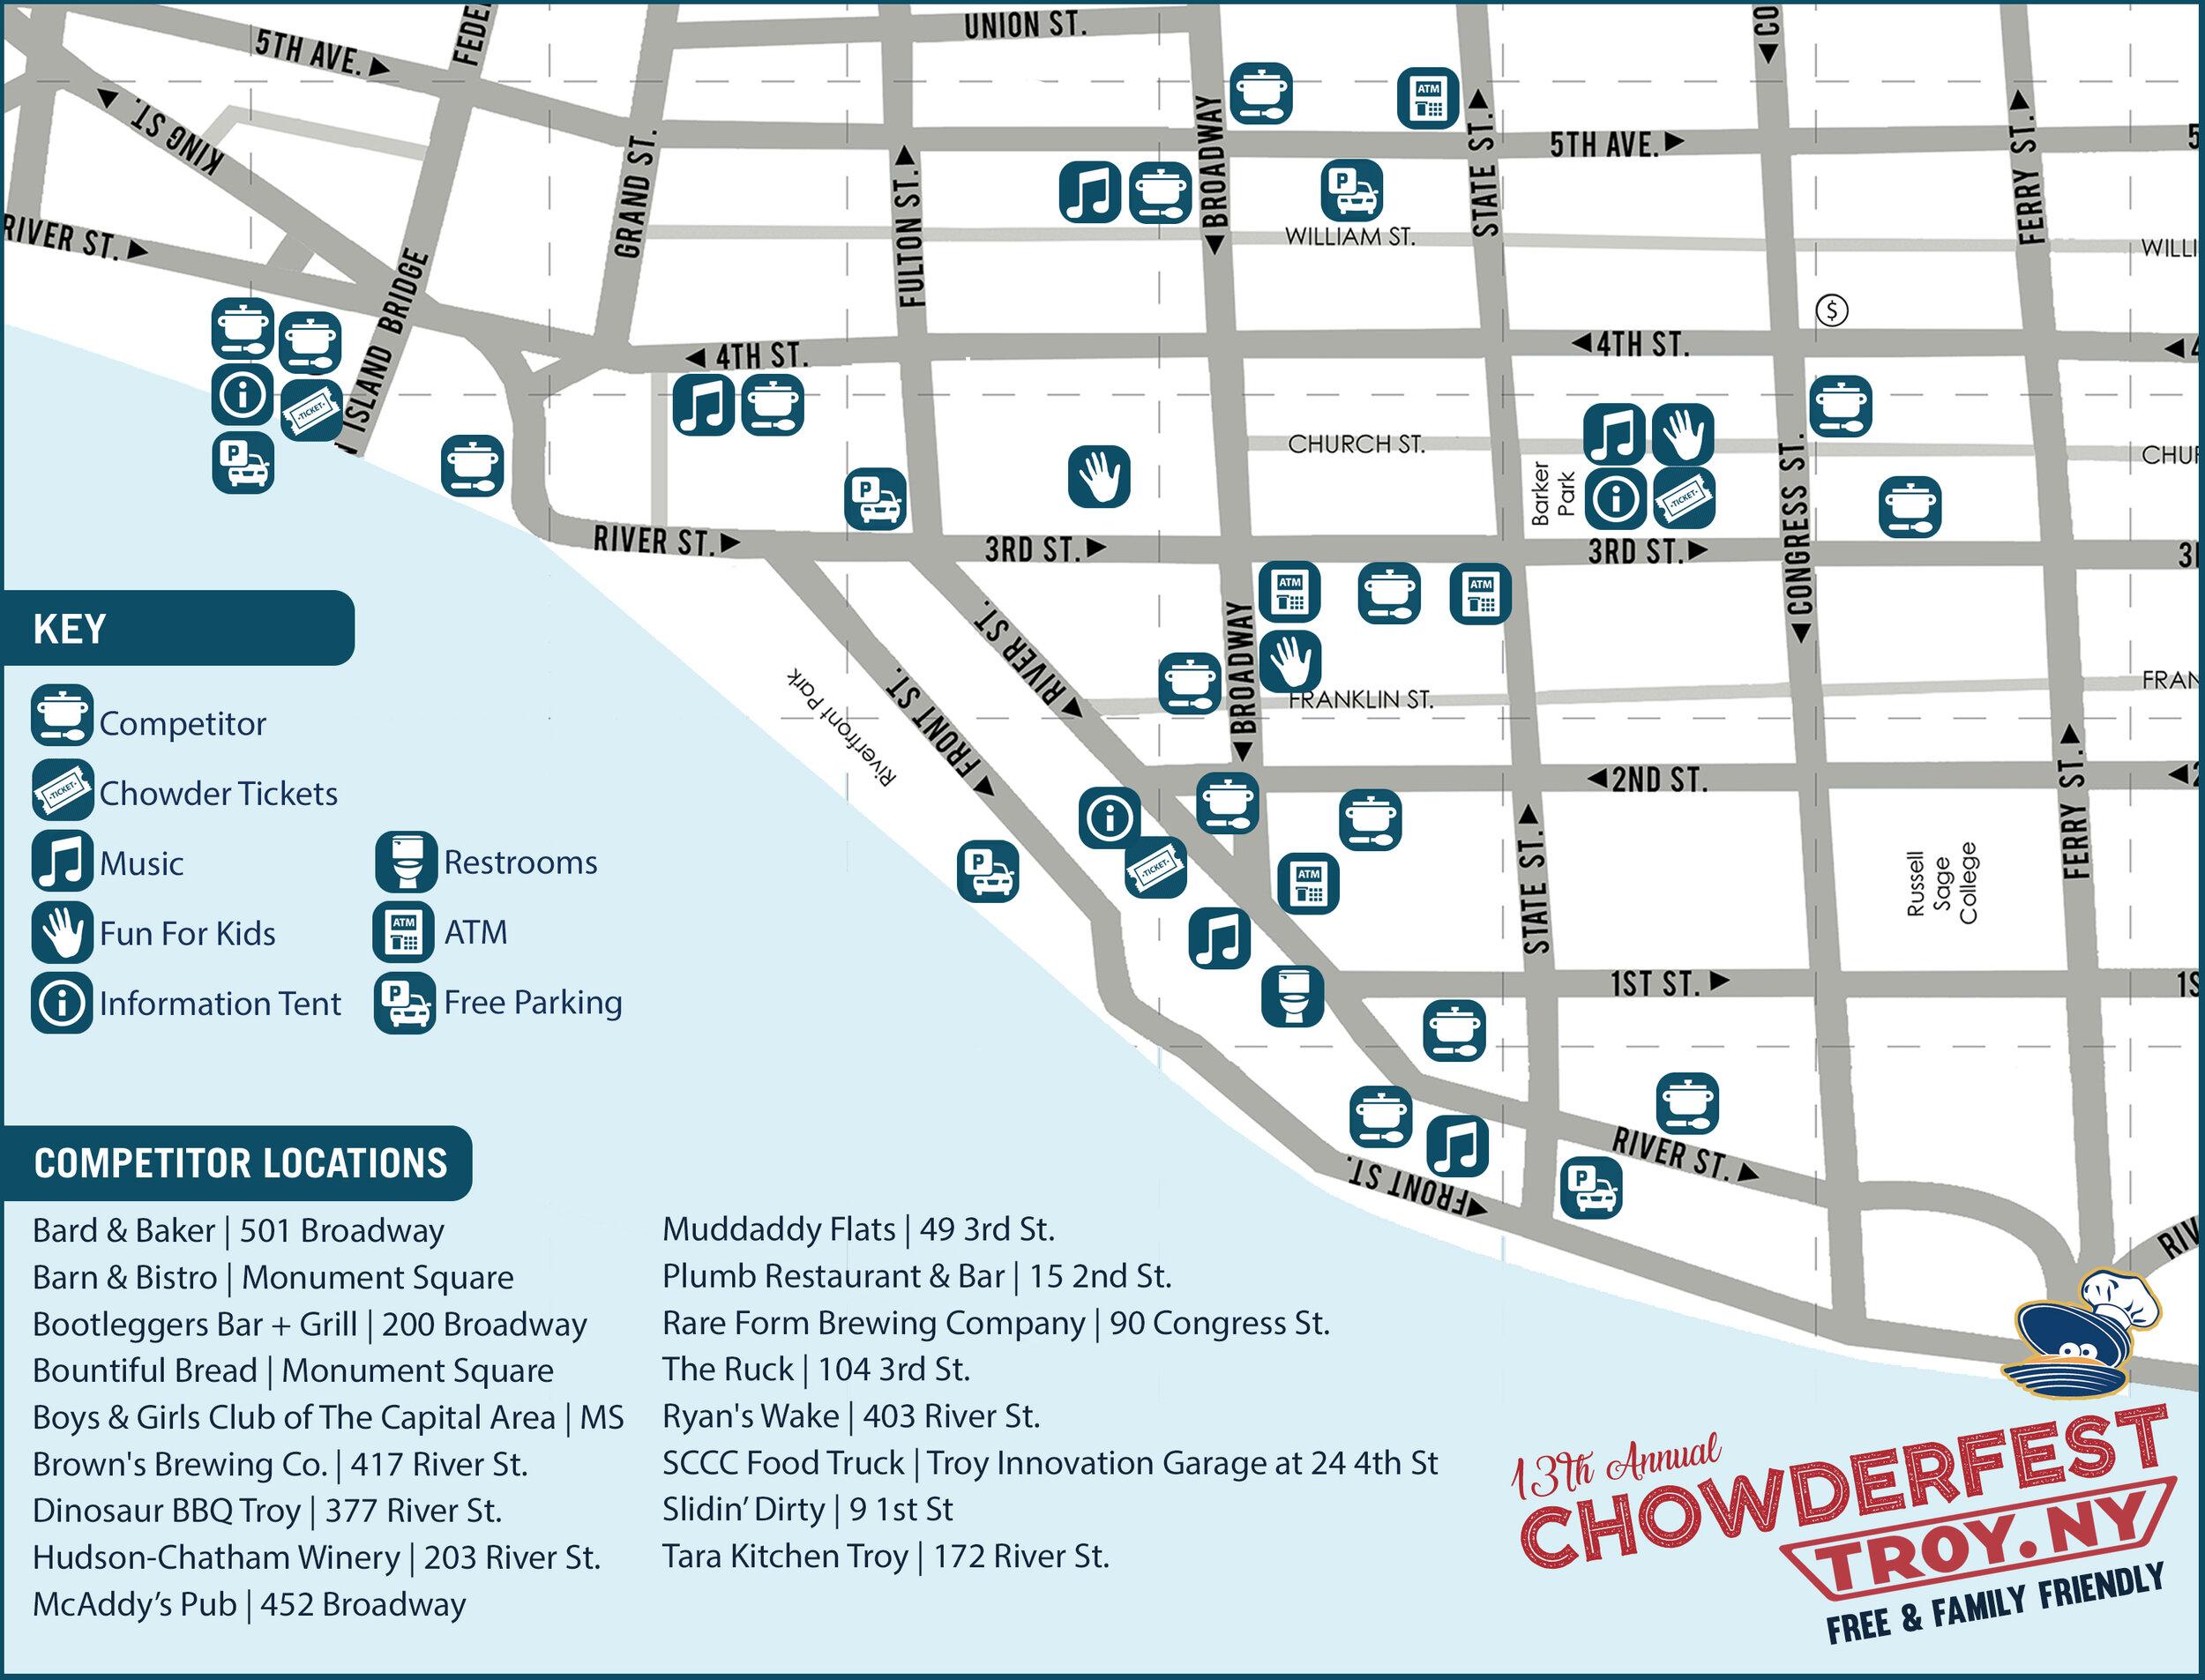 2019 ChowderFest_Map.jpg